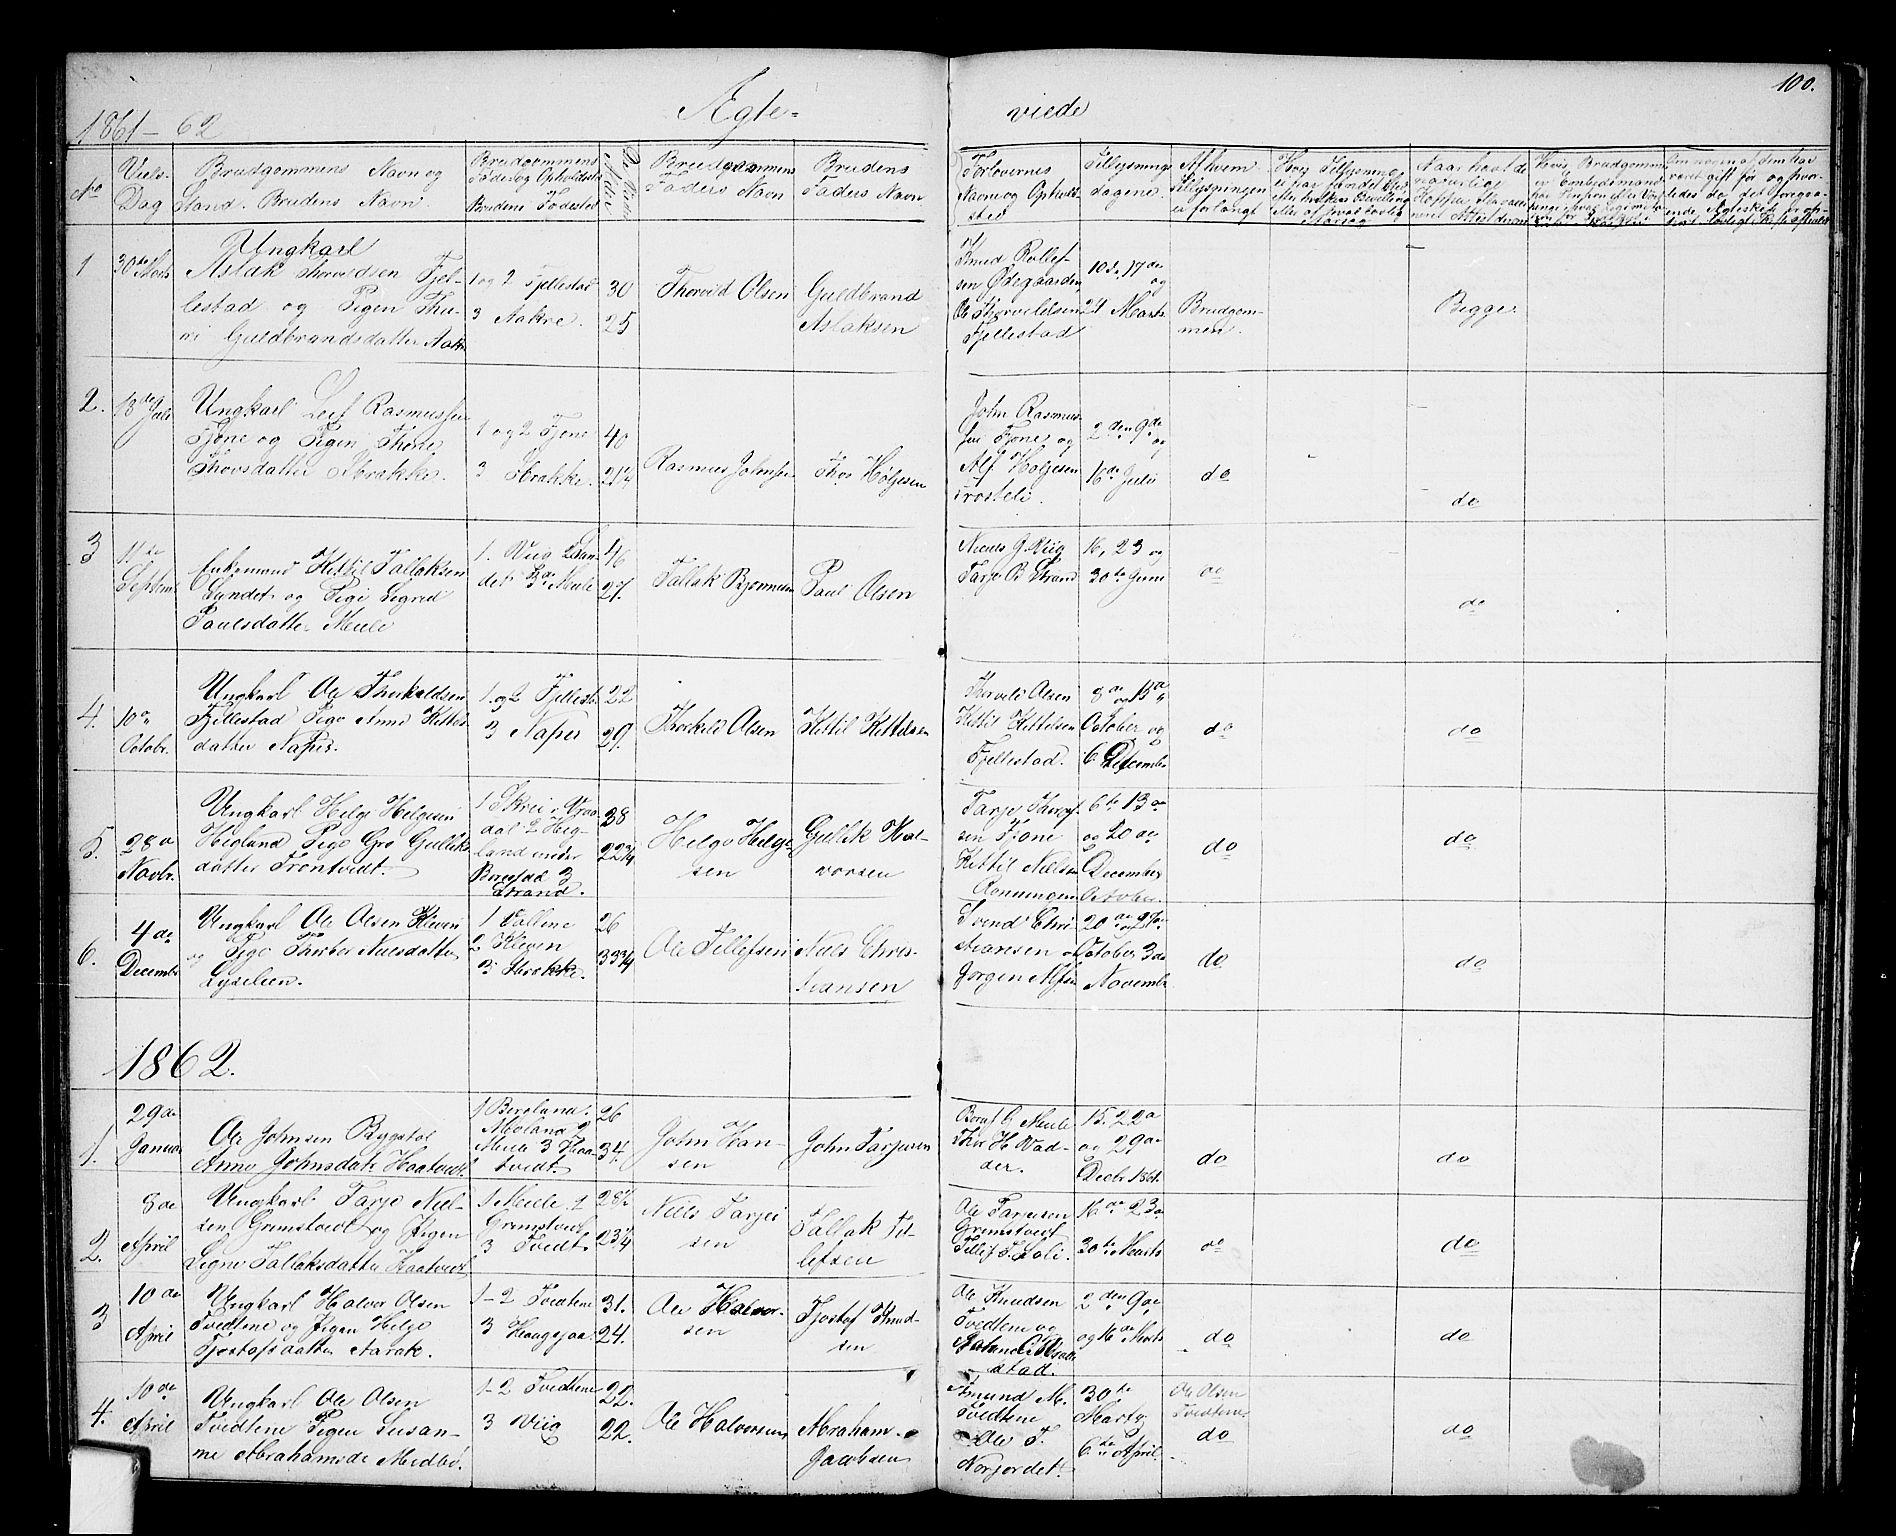 SAKO, Nissedal kirkebøker, G/Ga/L0002: Klokkerbok nr. I 2, 1861-1887, s. 100